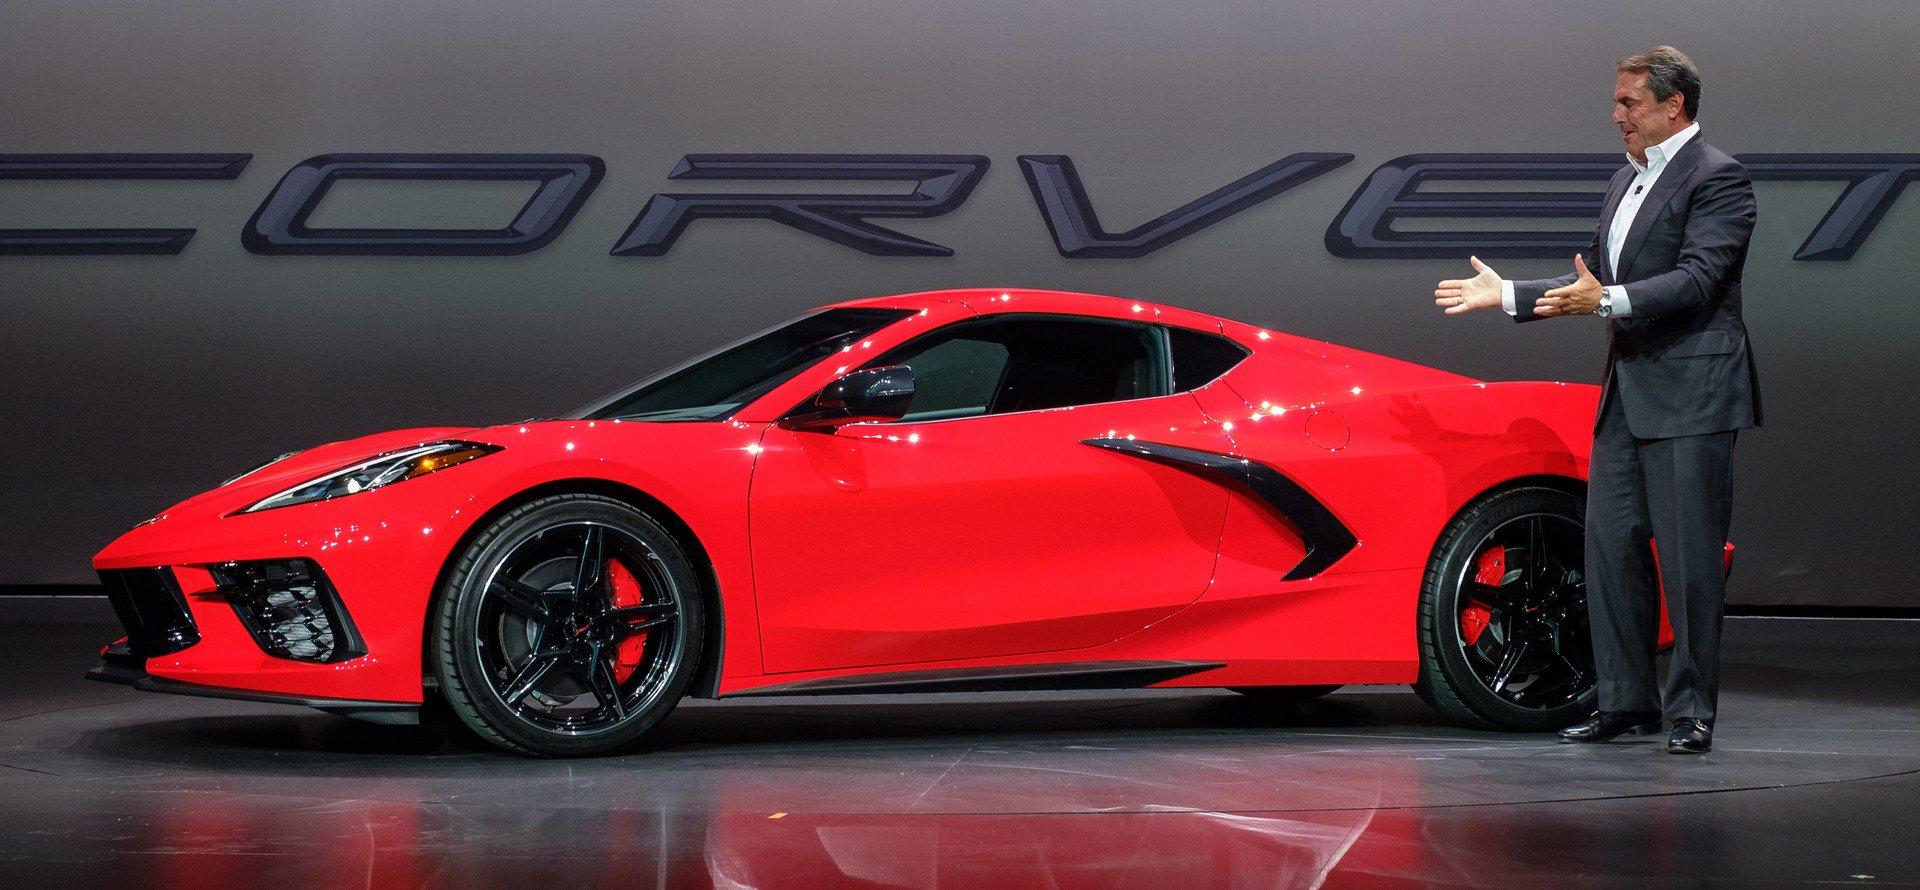 Chevrolet ra mắt Corvette C8 thế hệ mới thiết kế táo bạo, động cơ đặt giữa - 34